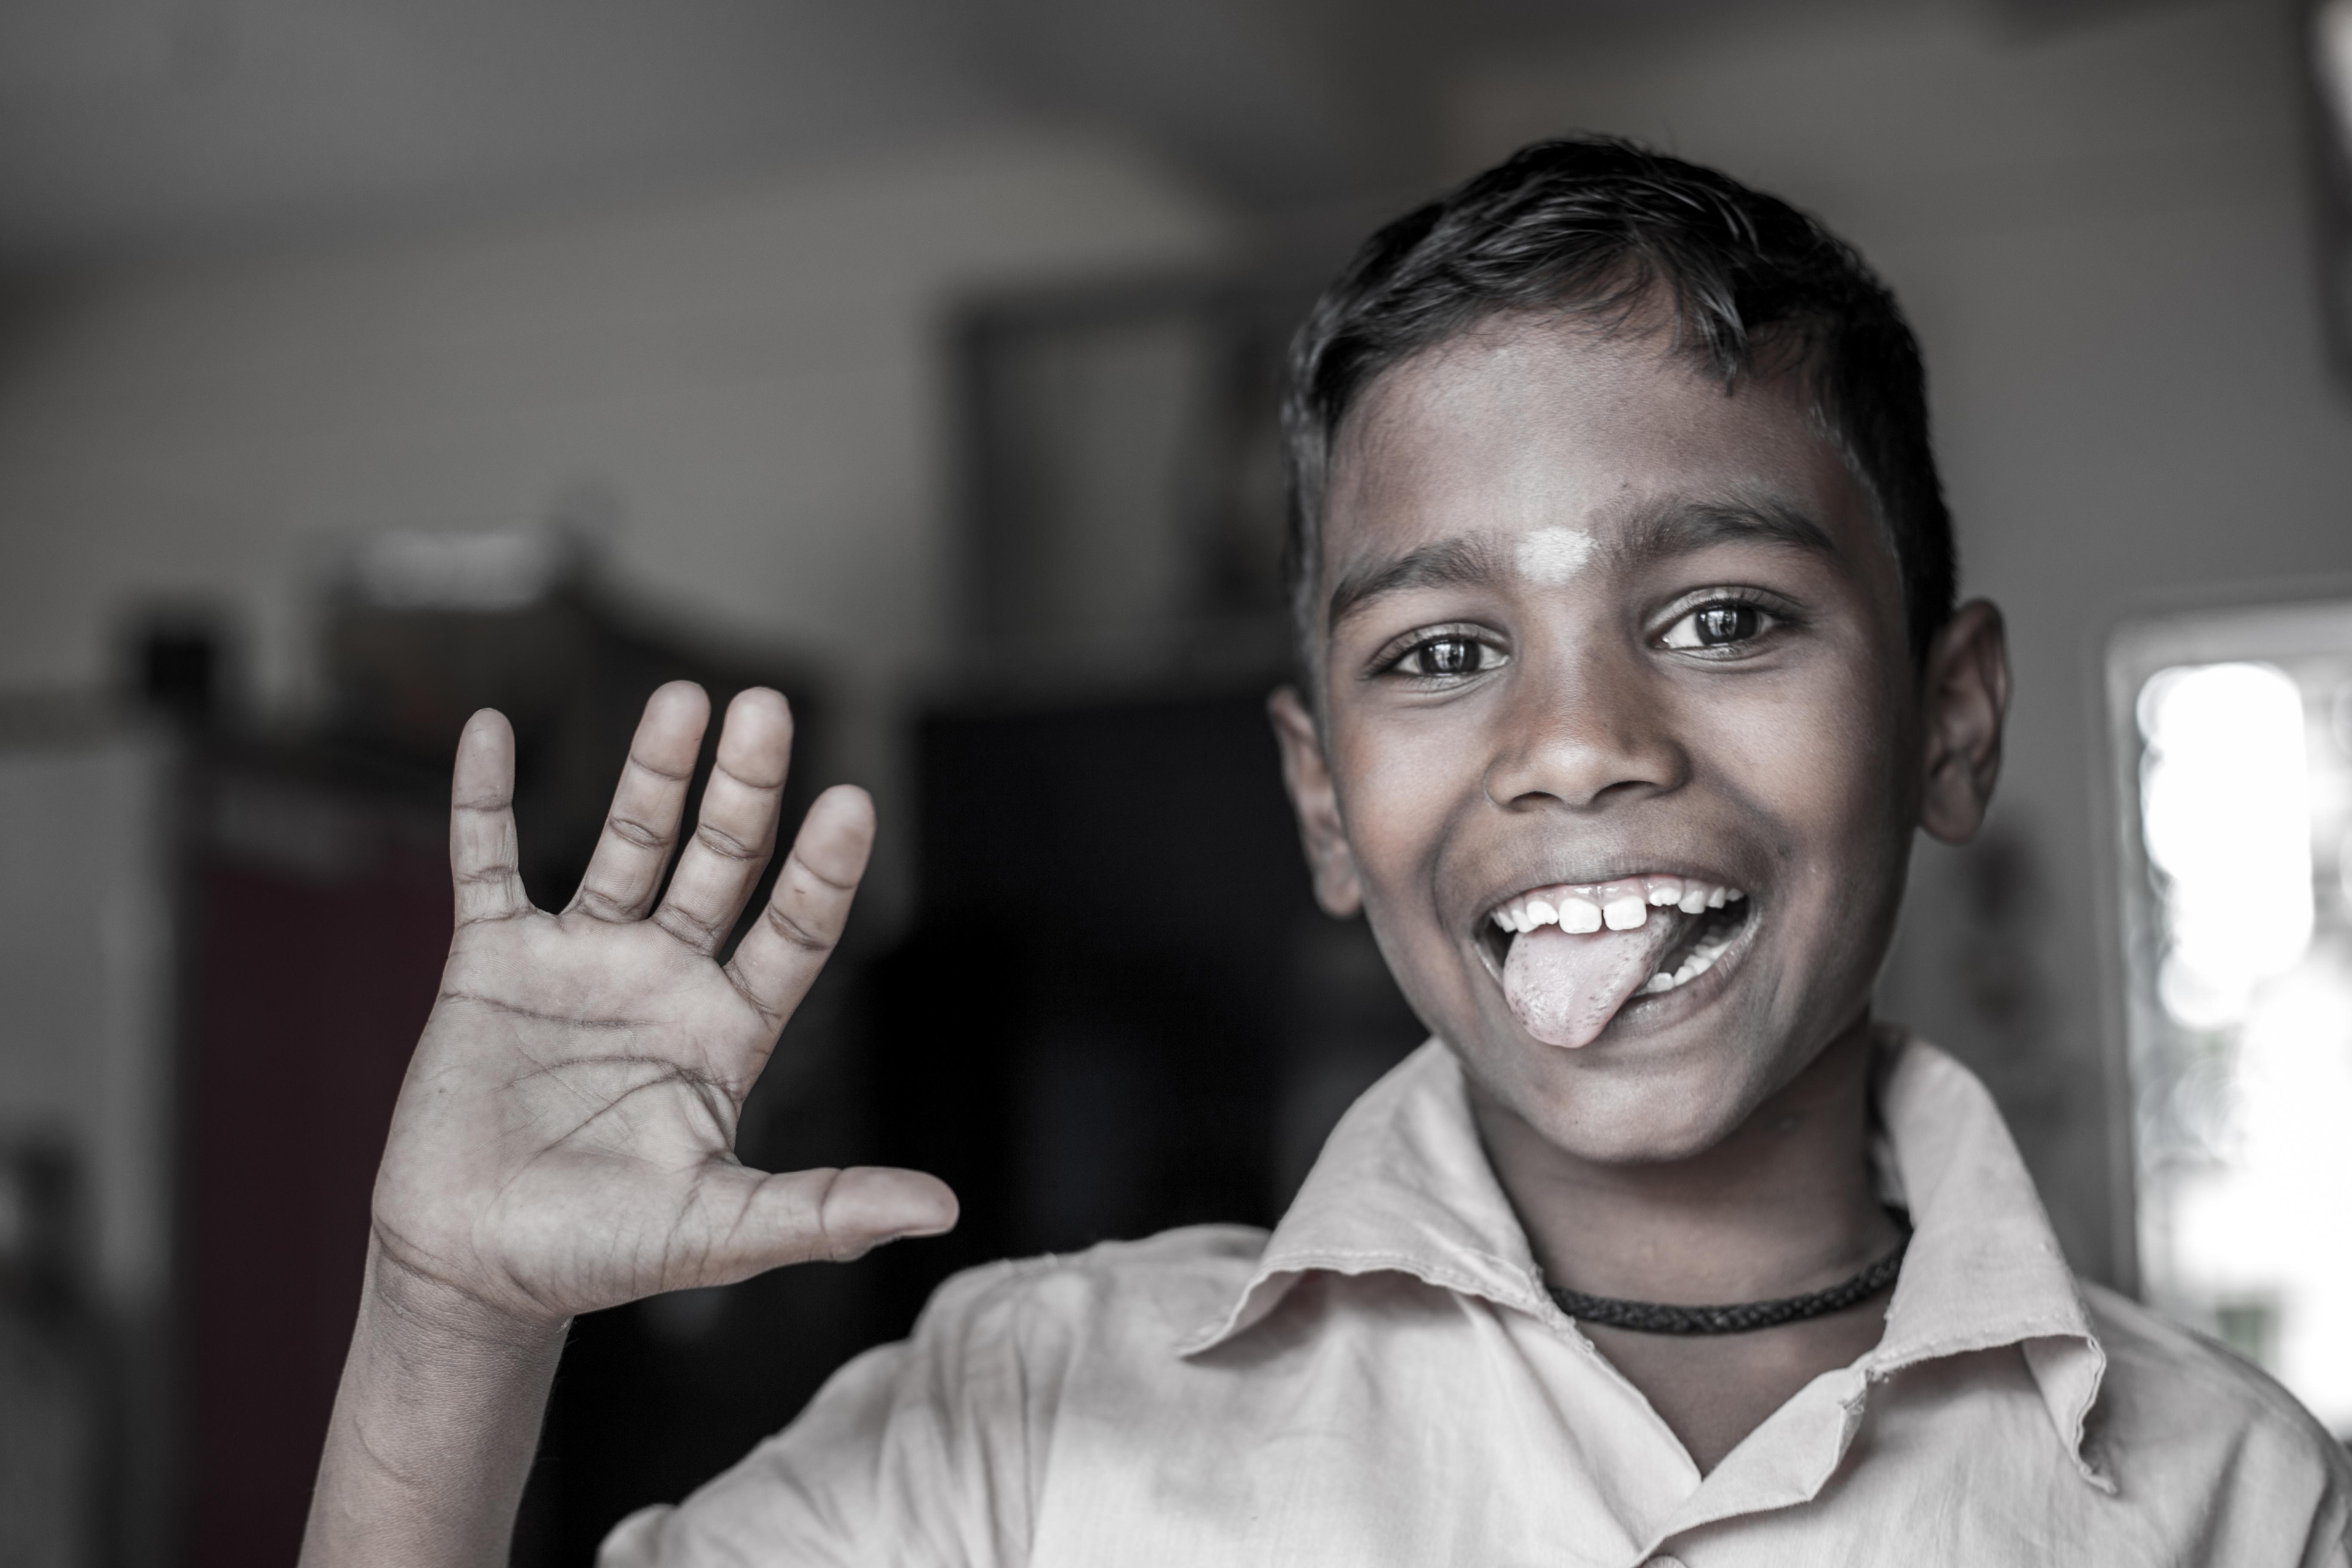 Le Challenge Solidaire de l'Année : un voyage en Inde à gagner !